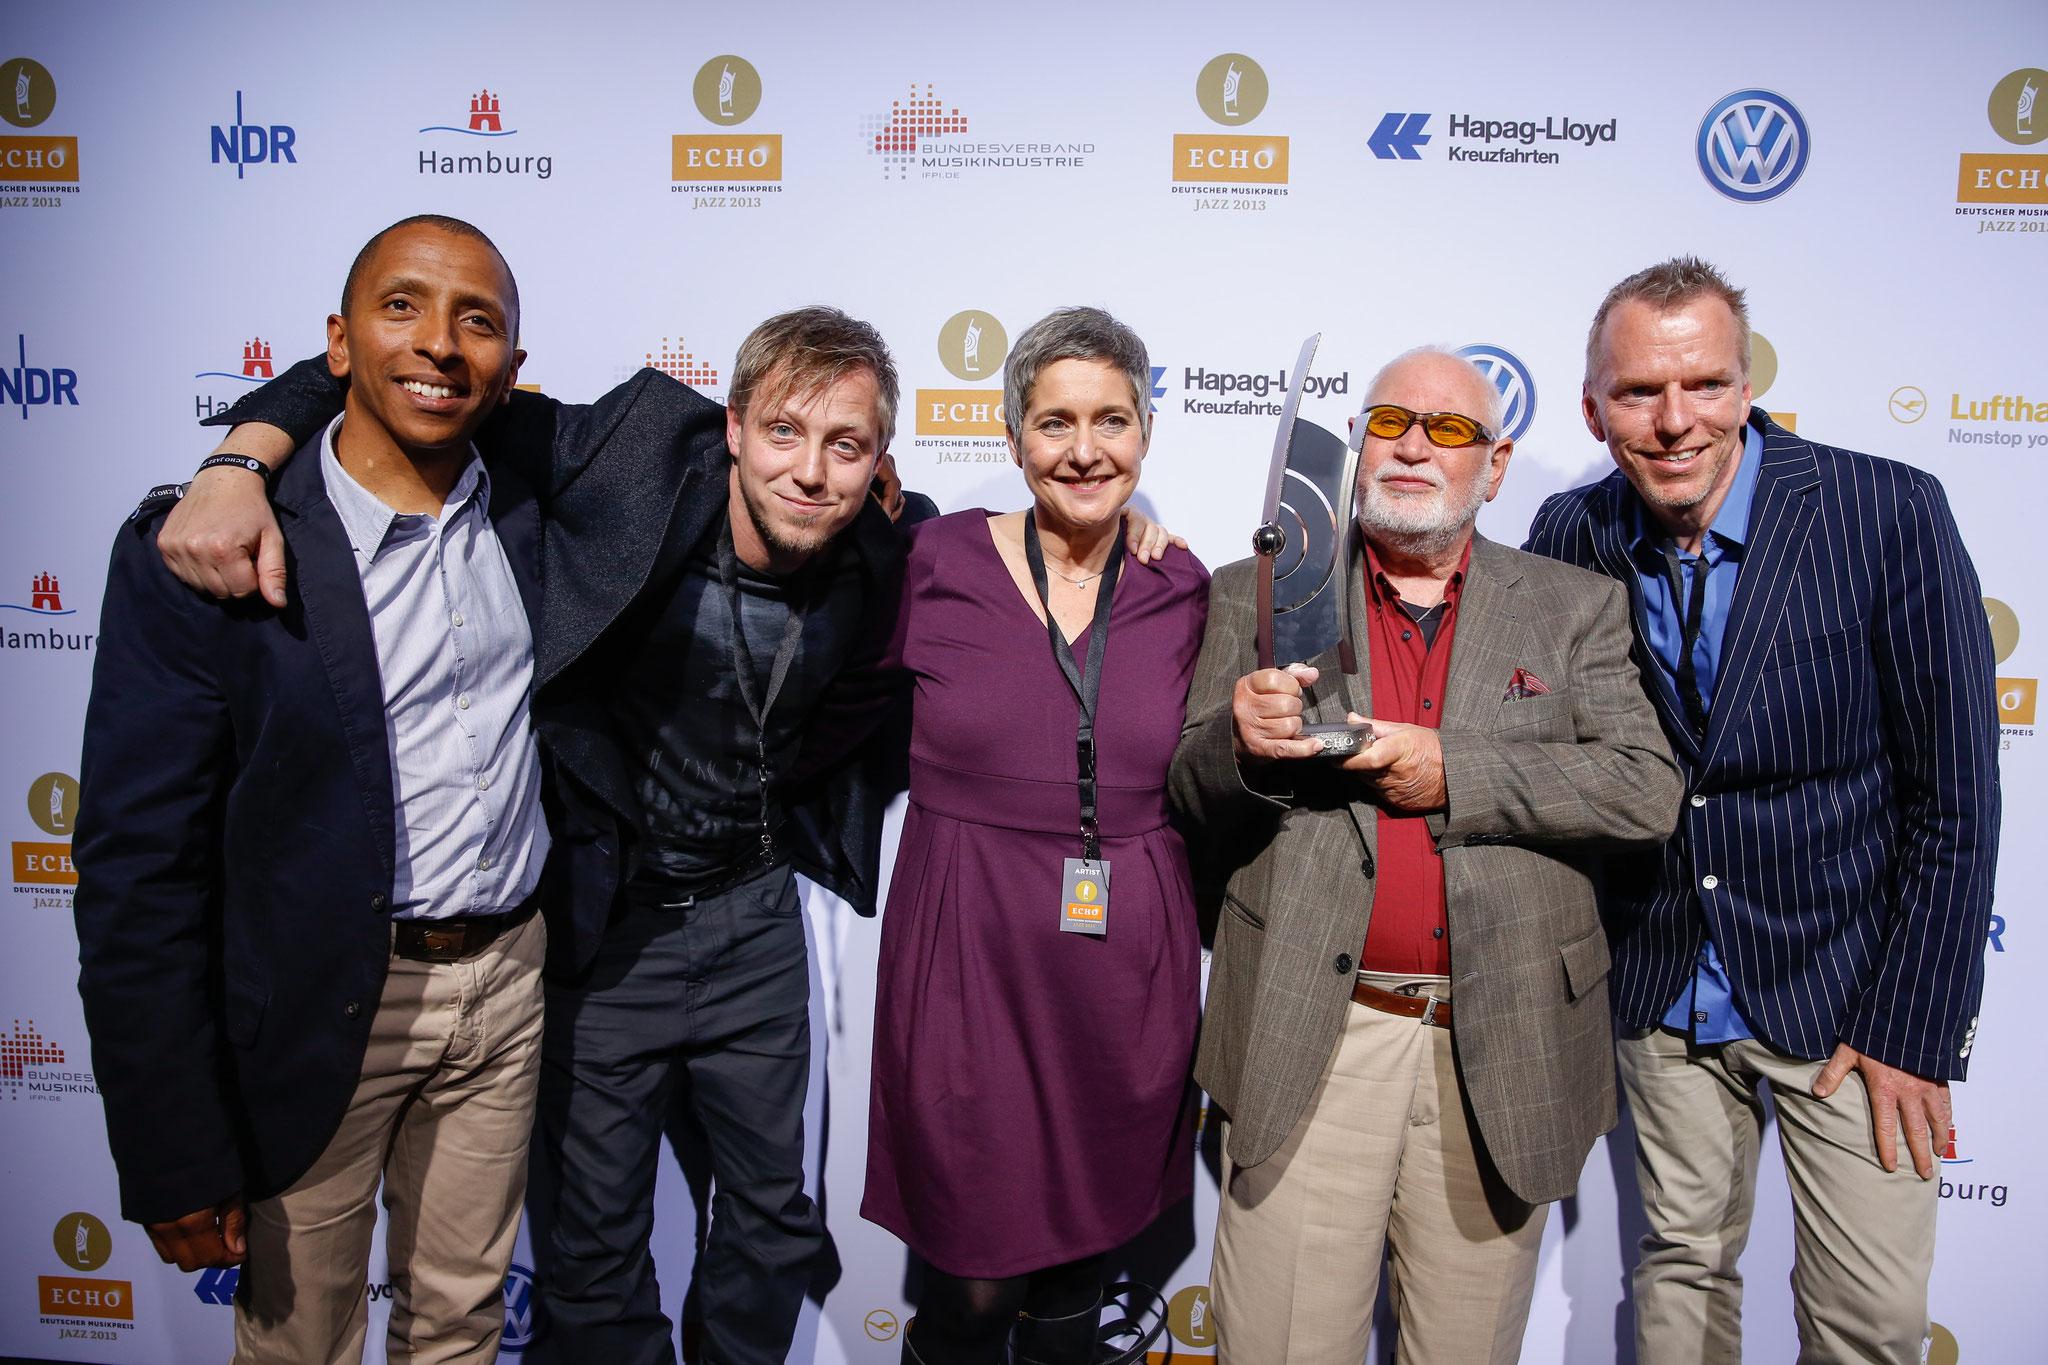 Wolfgang Schlüter bei der Verleihung des ECHO Jazz 2013, zusammen mit Sabine Bachman von Skip Records und den Laudatoren TINGVALL TRIO. (Fotocredit: Deutsche Phono Akademie)